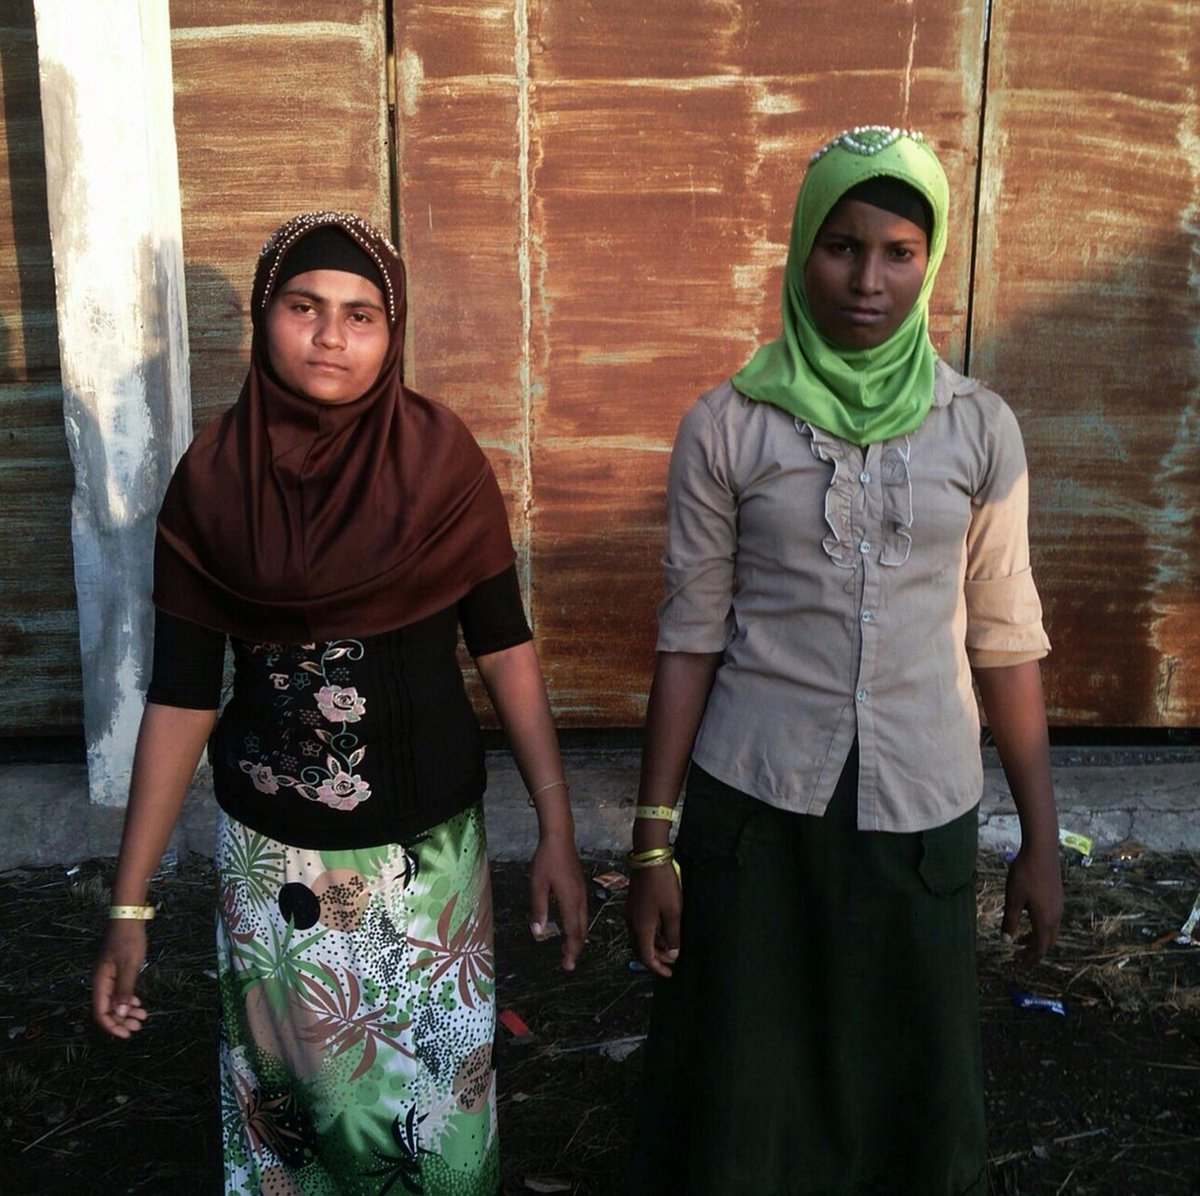 Immigranti Indonesia: quando la politica fallisce ci pensano i pescatori